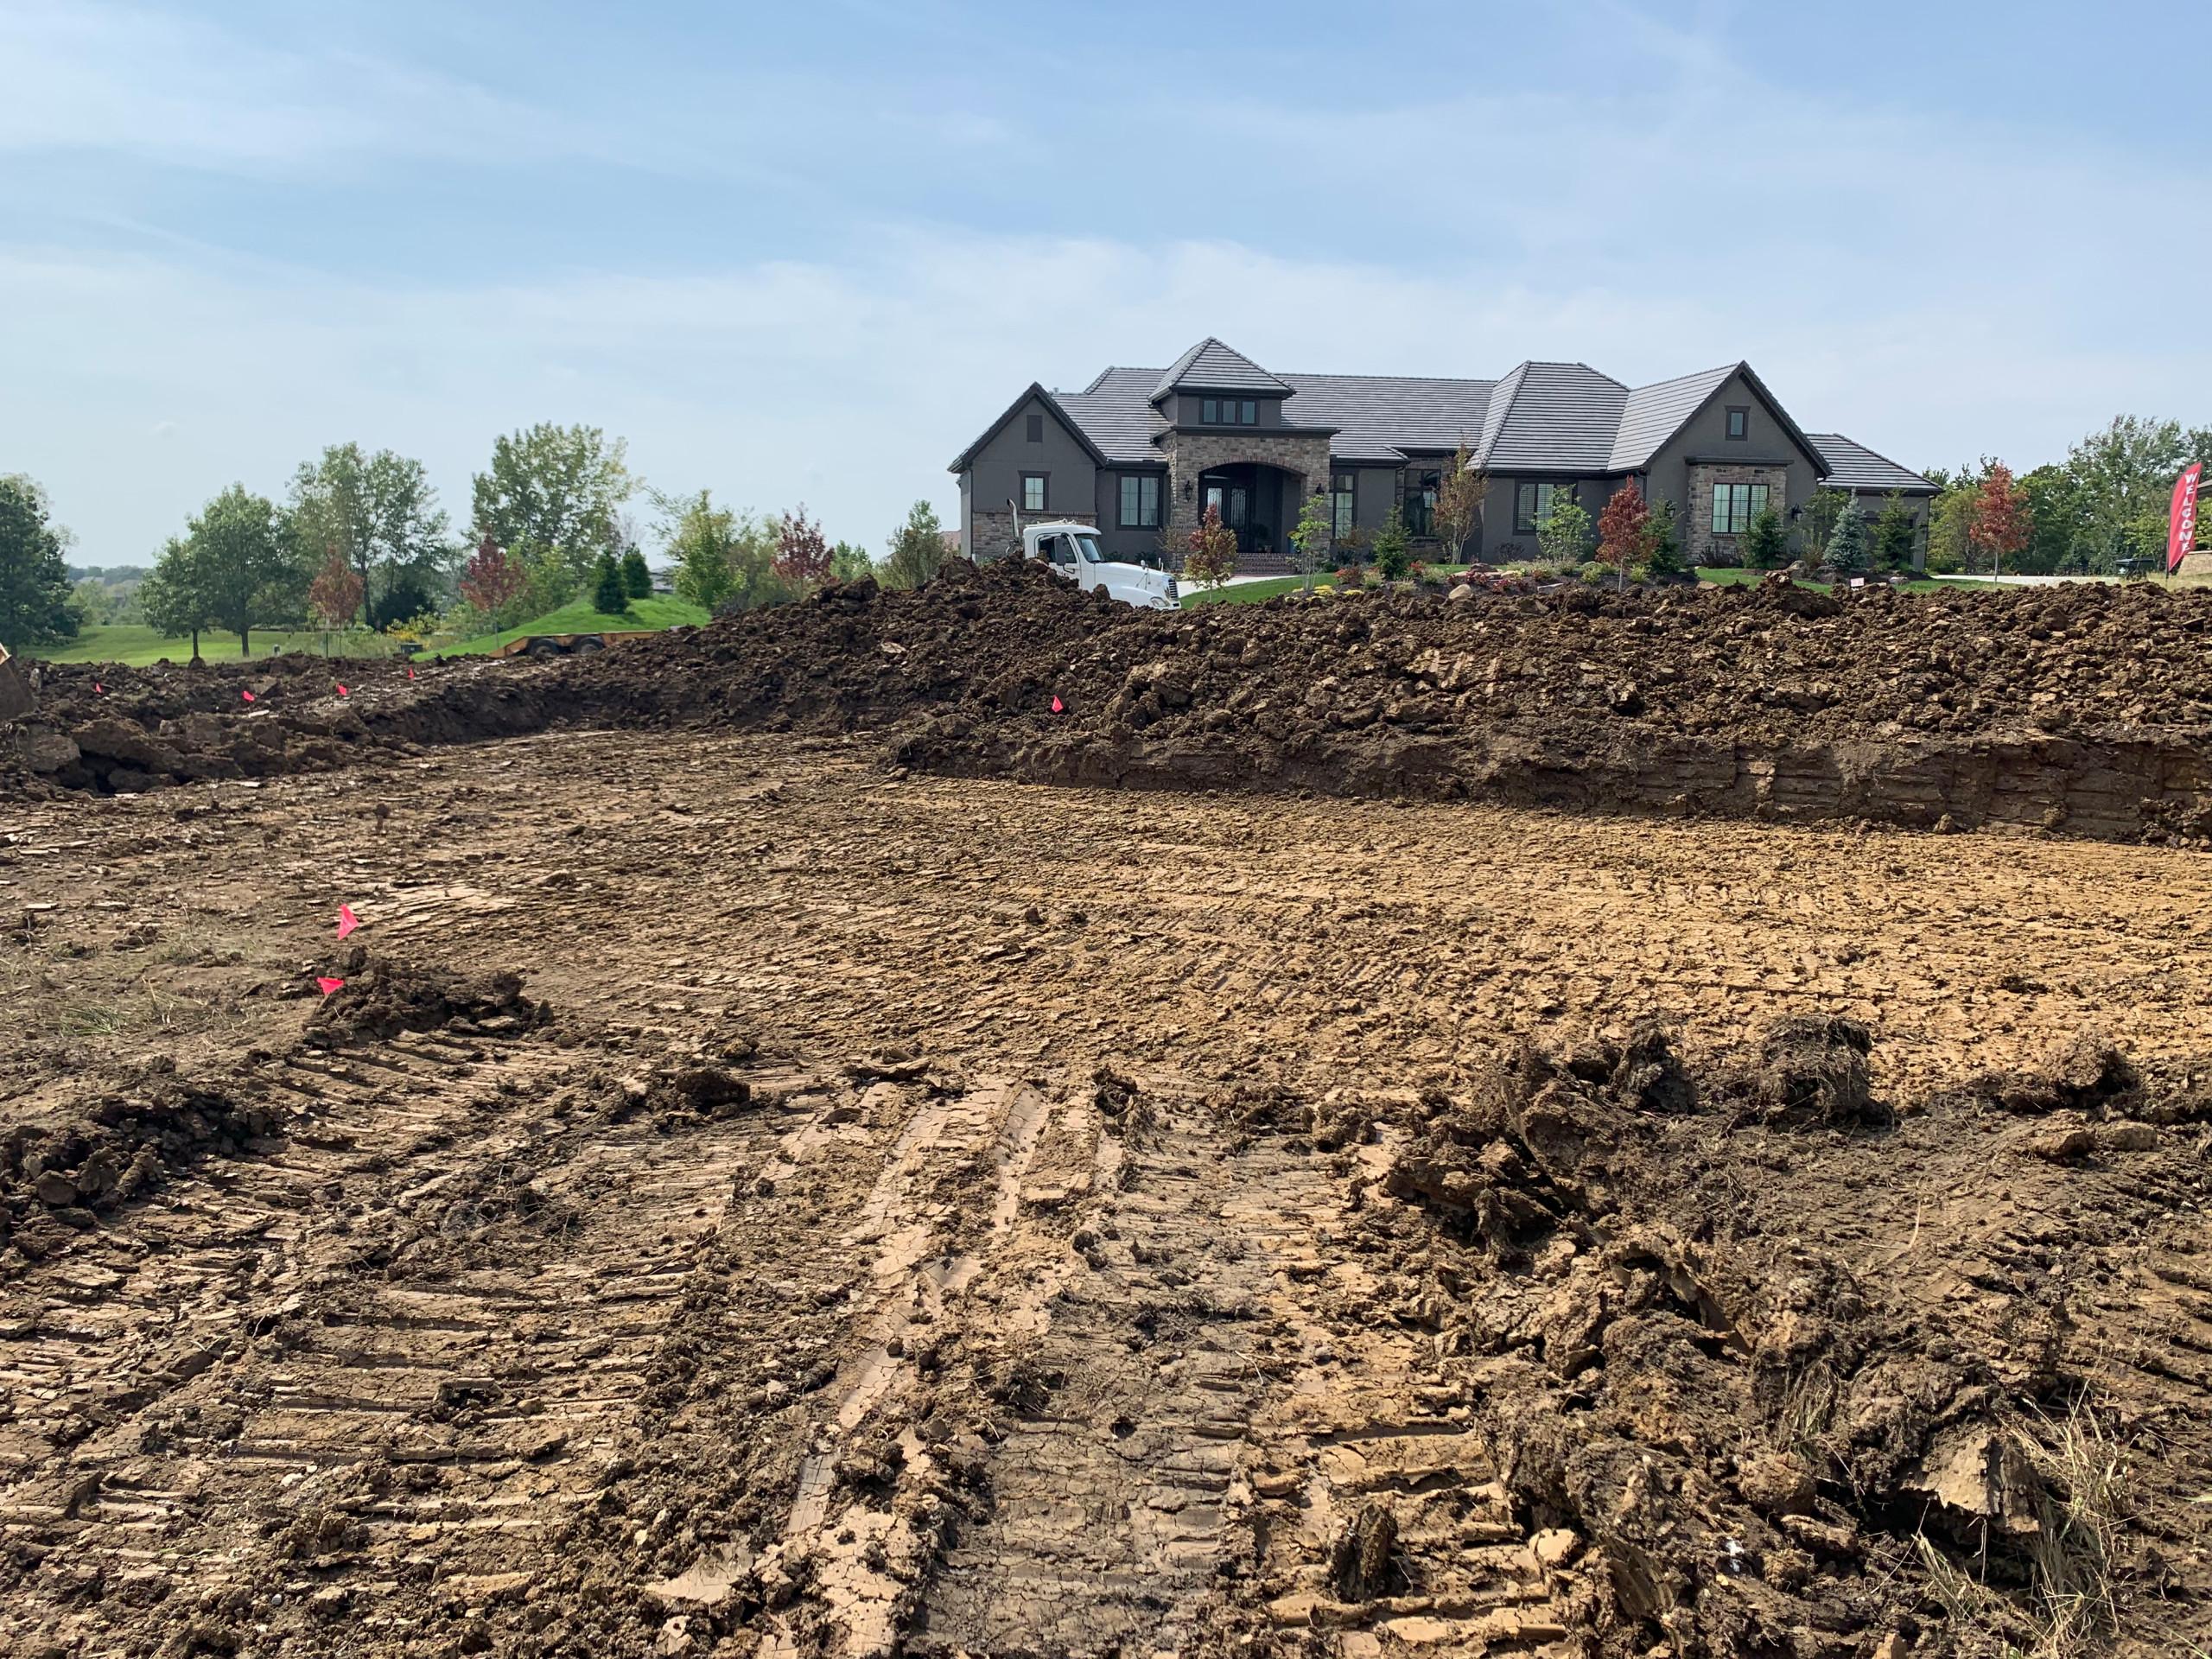 The Farm at Garnet Hill 16505 Goddard St. Spec Home